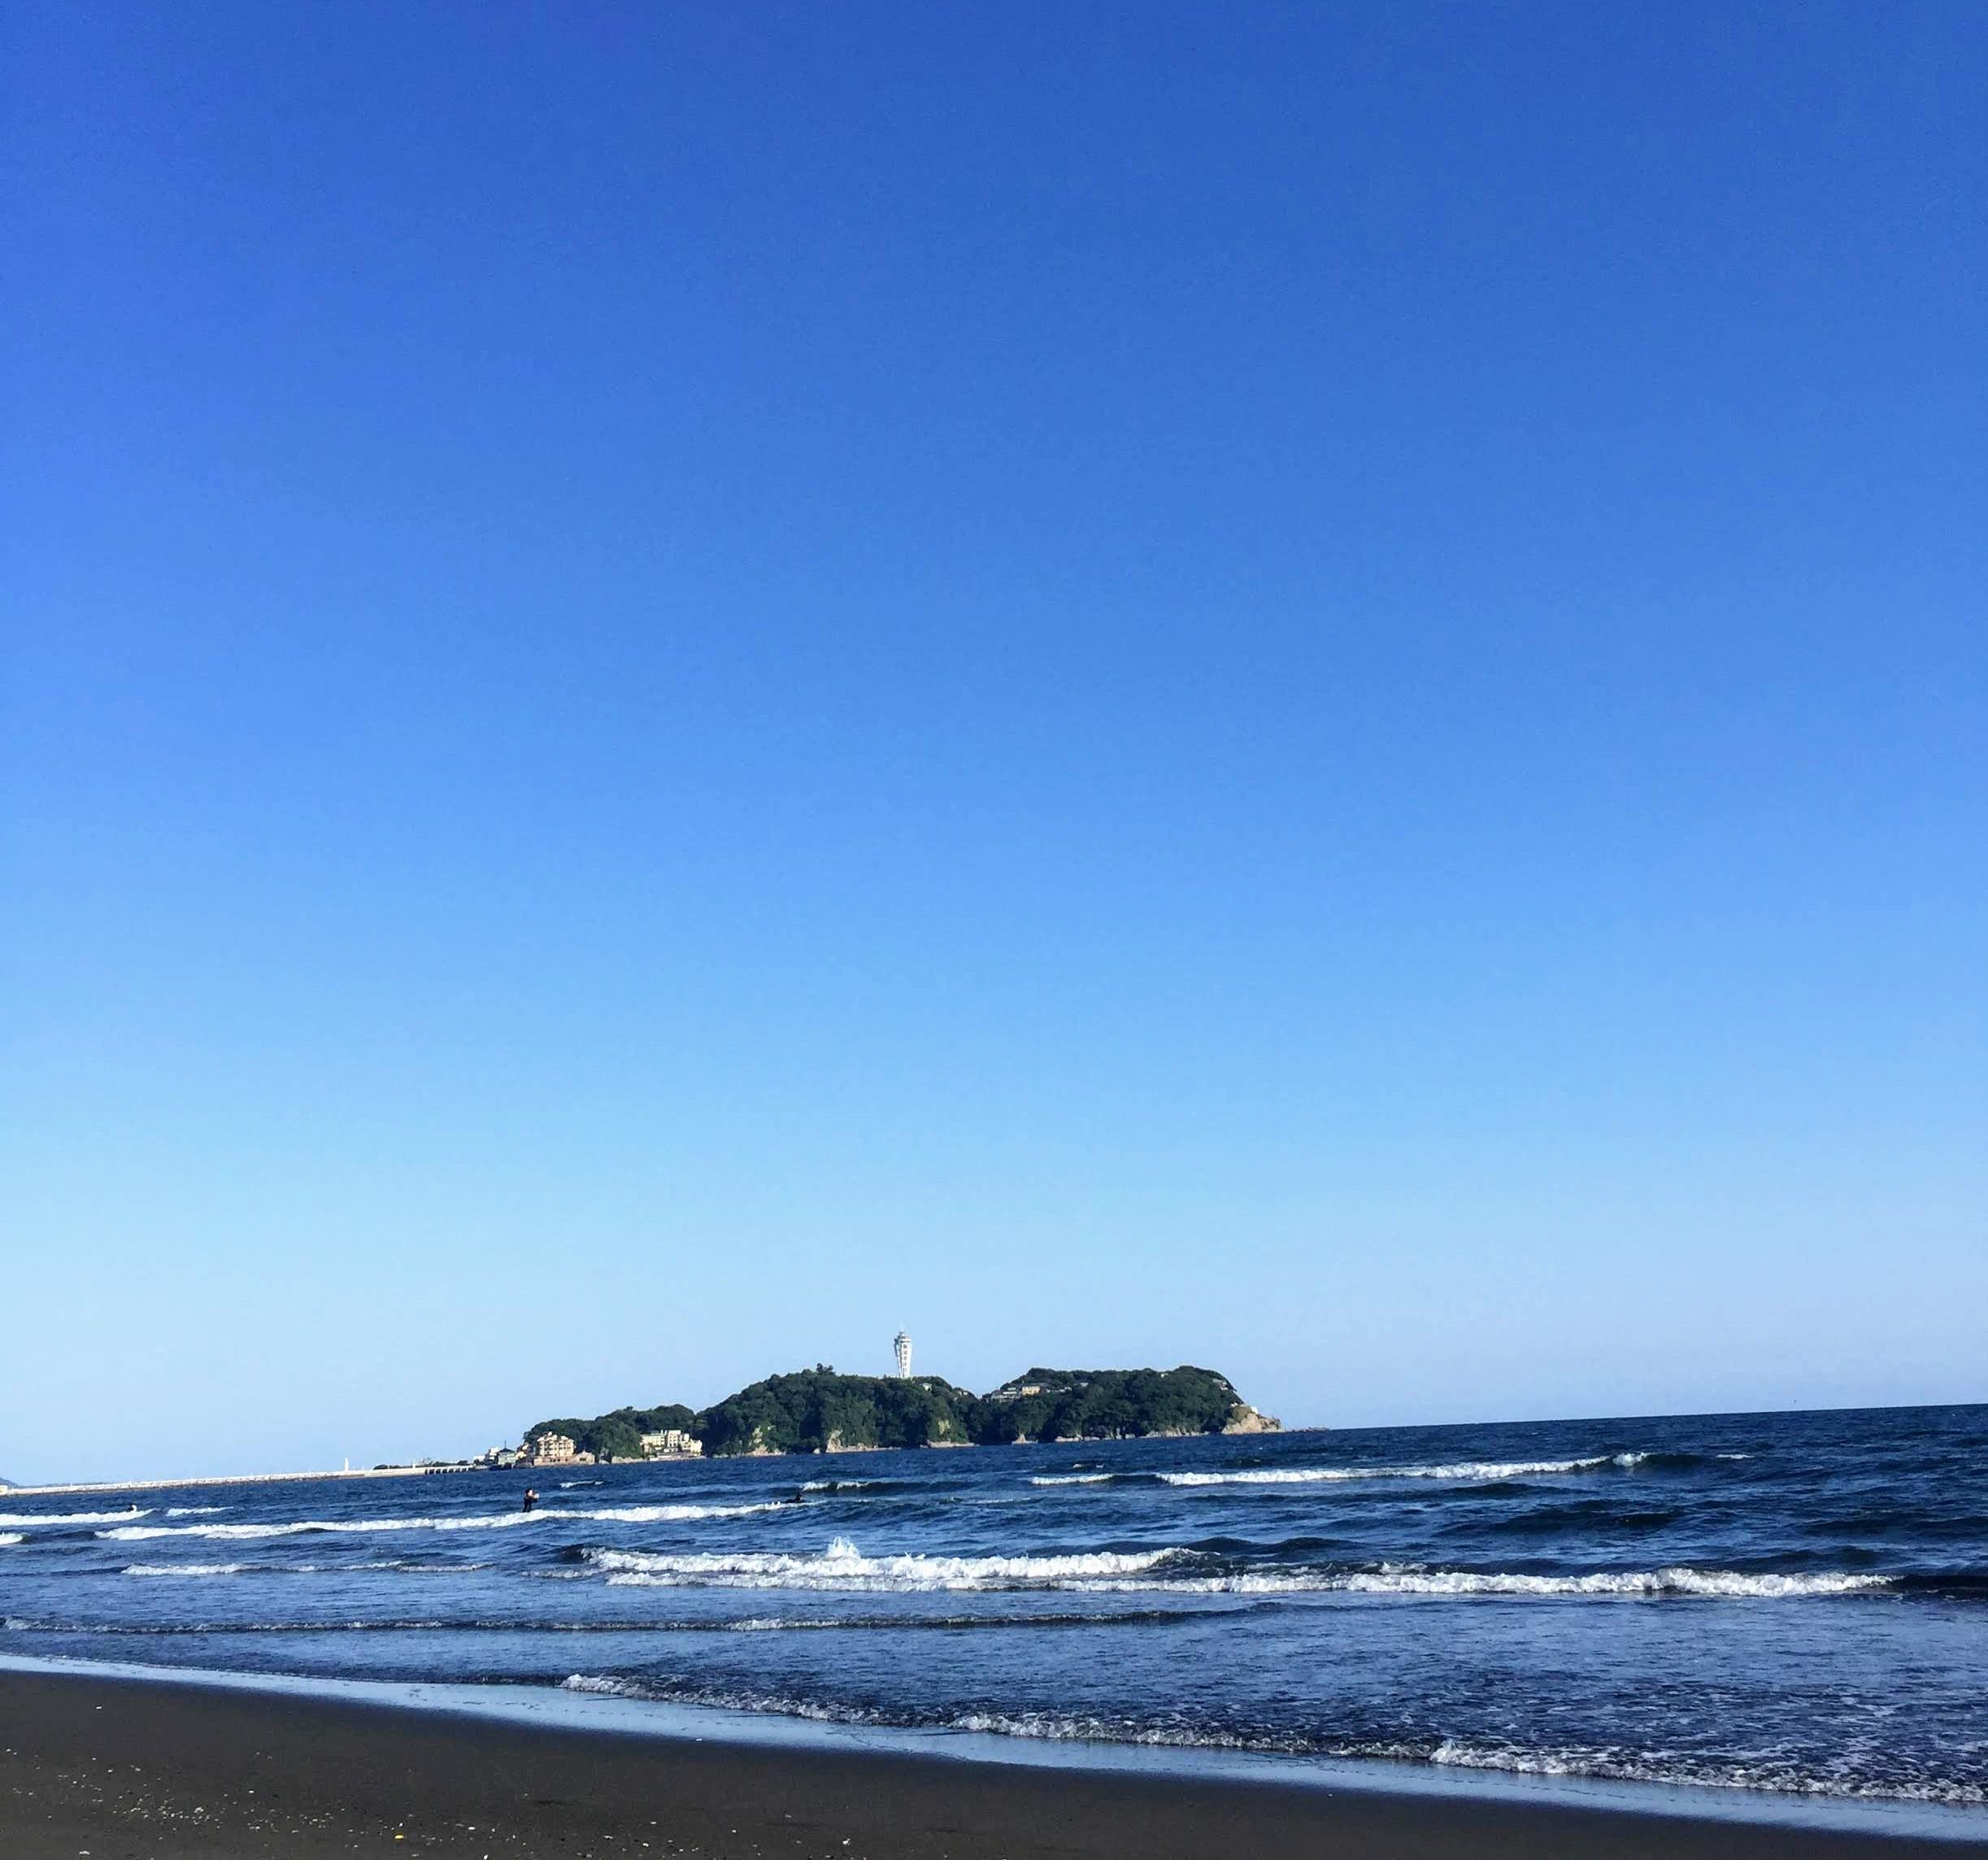 藤沢 アロマサロン 鵠沼海岸 flow 更年期 よもぎ蒸し